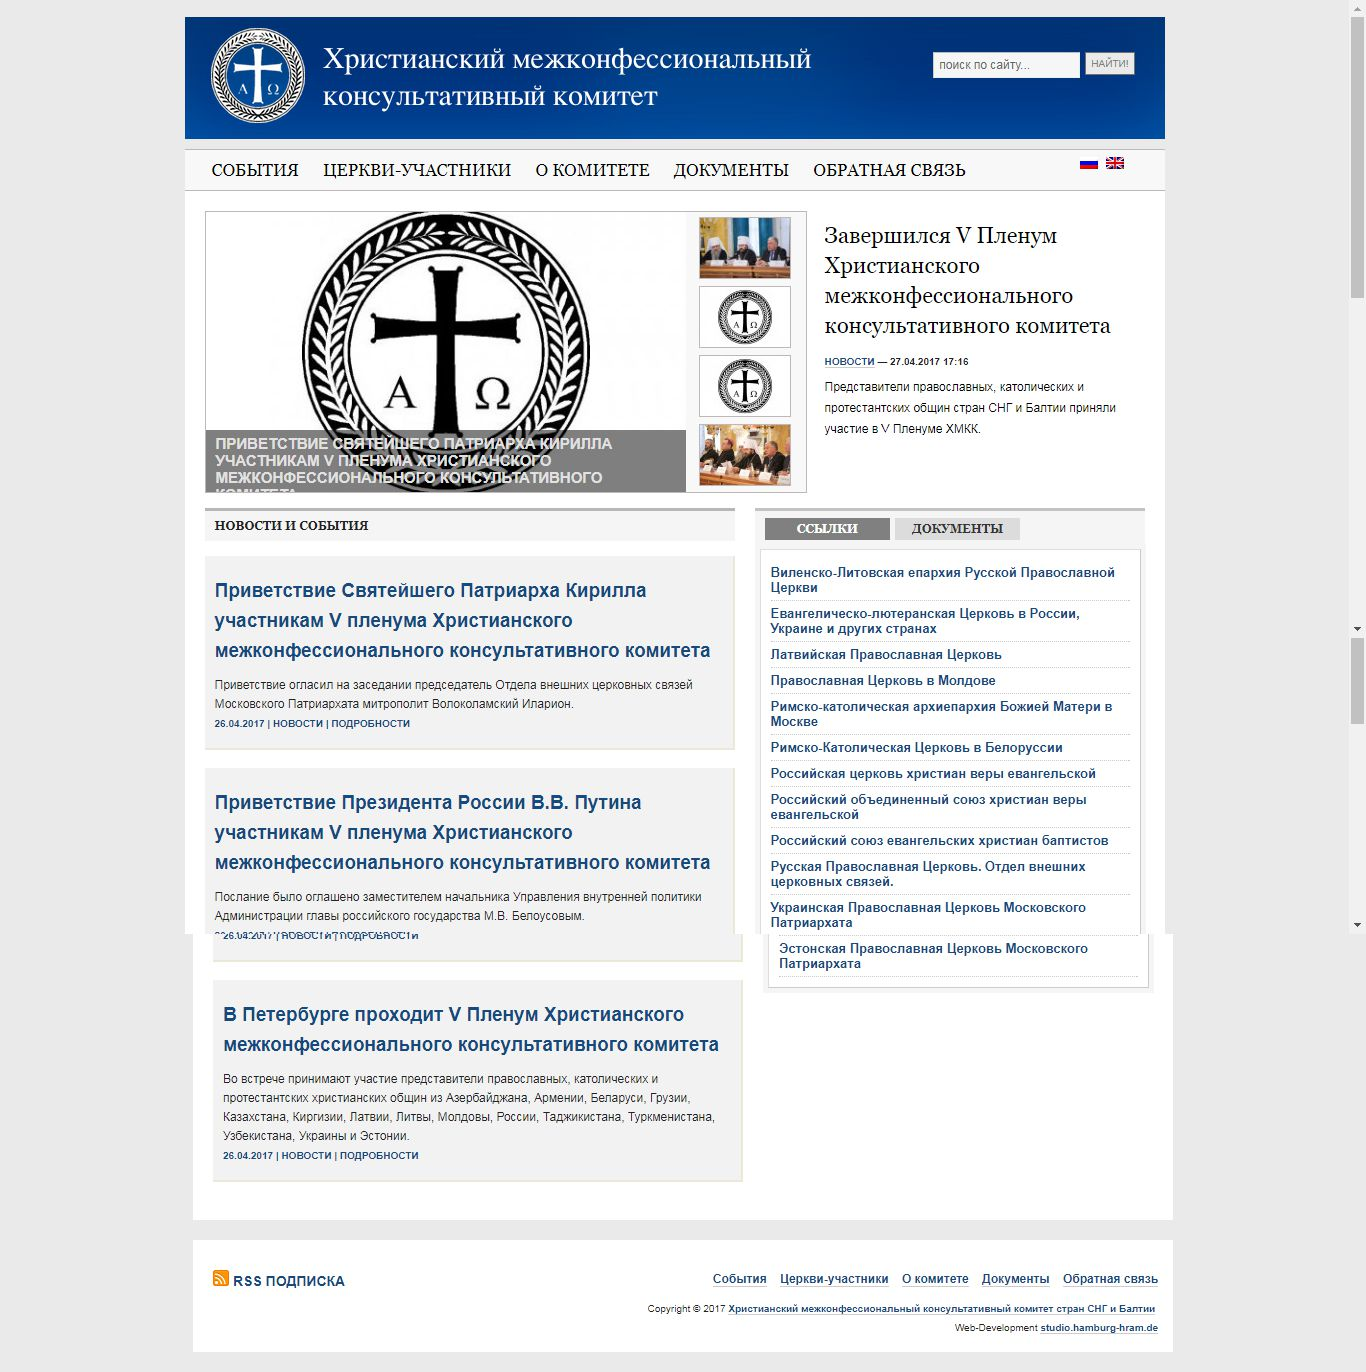 Christlichen interkonfessionellen Beratungsausschuss der GUS und der baltischen Länder